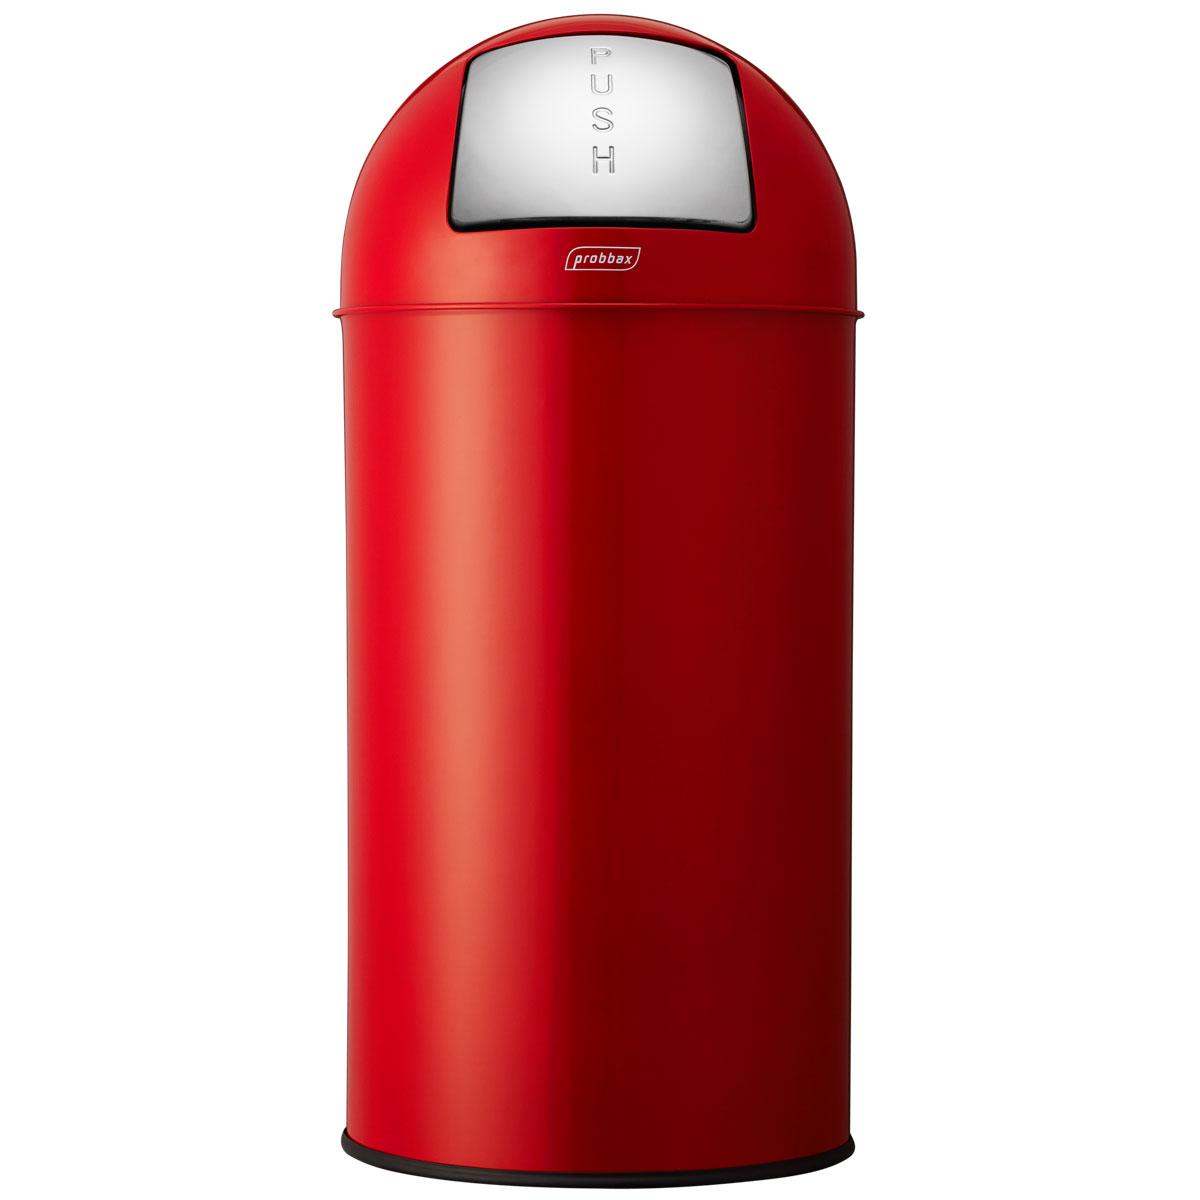 ゴミ箱 プロバックス プッシュビン ダストボックス 業務用 ごみ箱 probbax ゴミ箱 PUSH BIN レッド